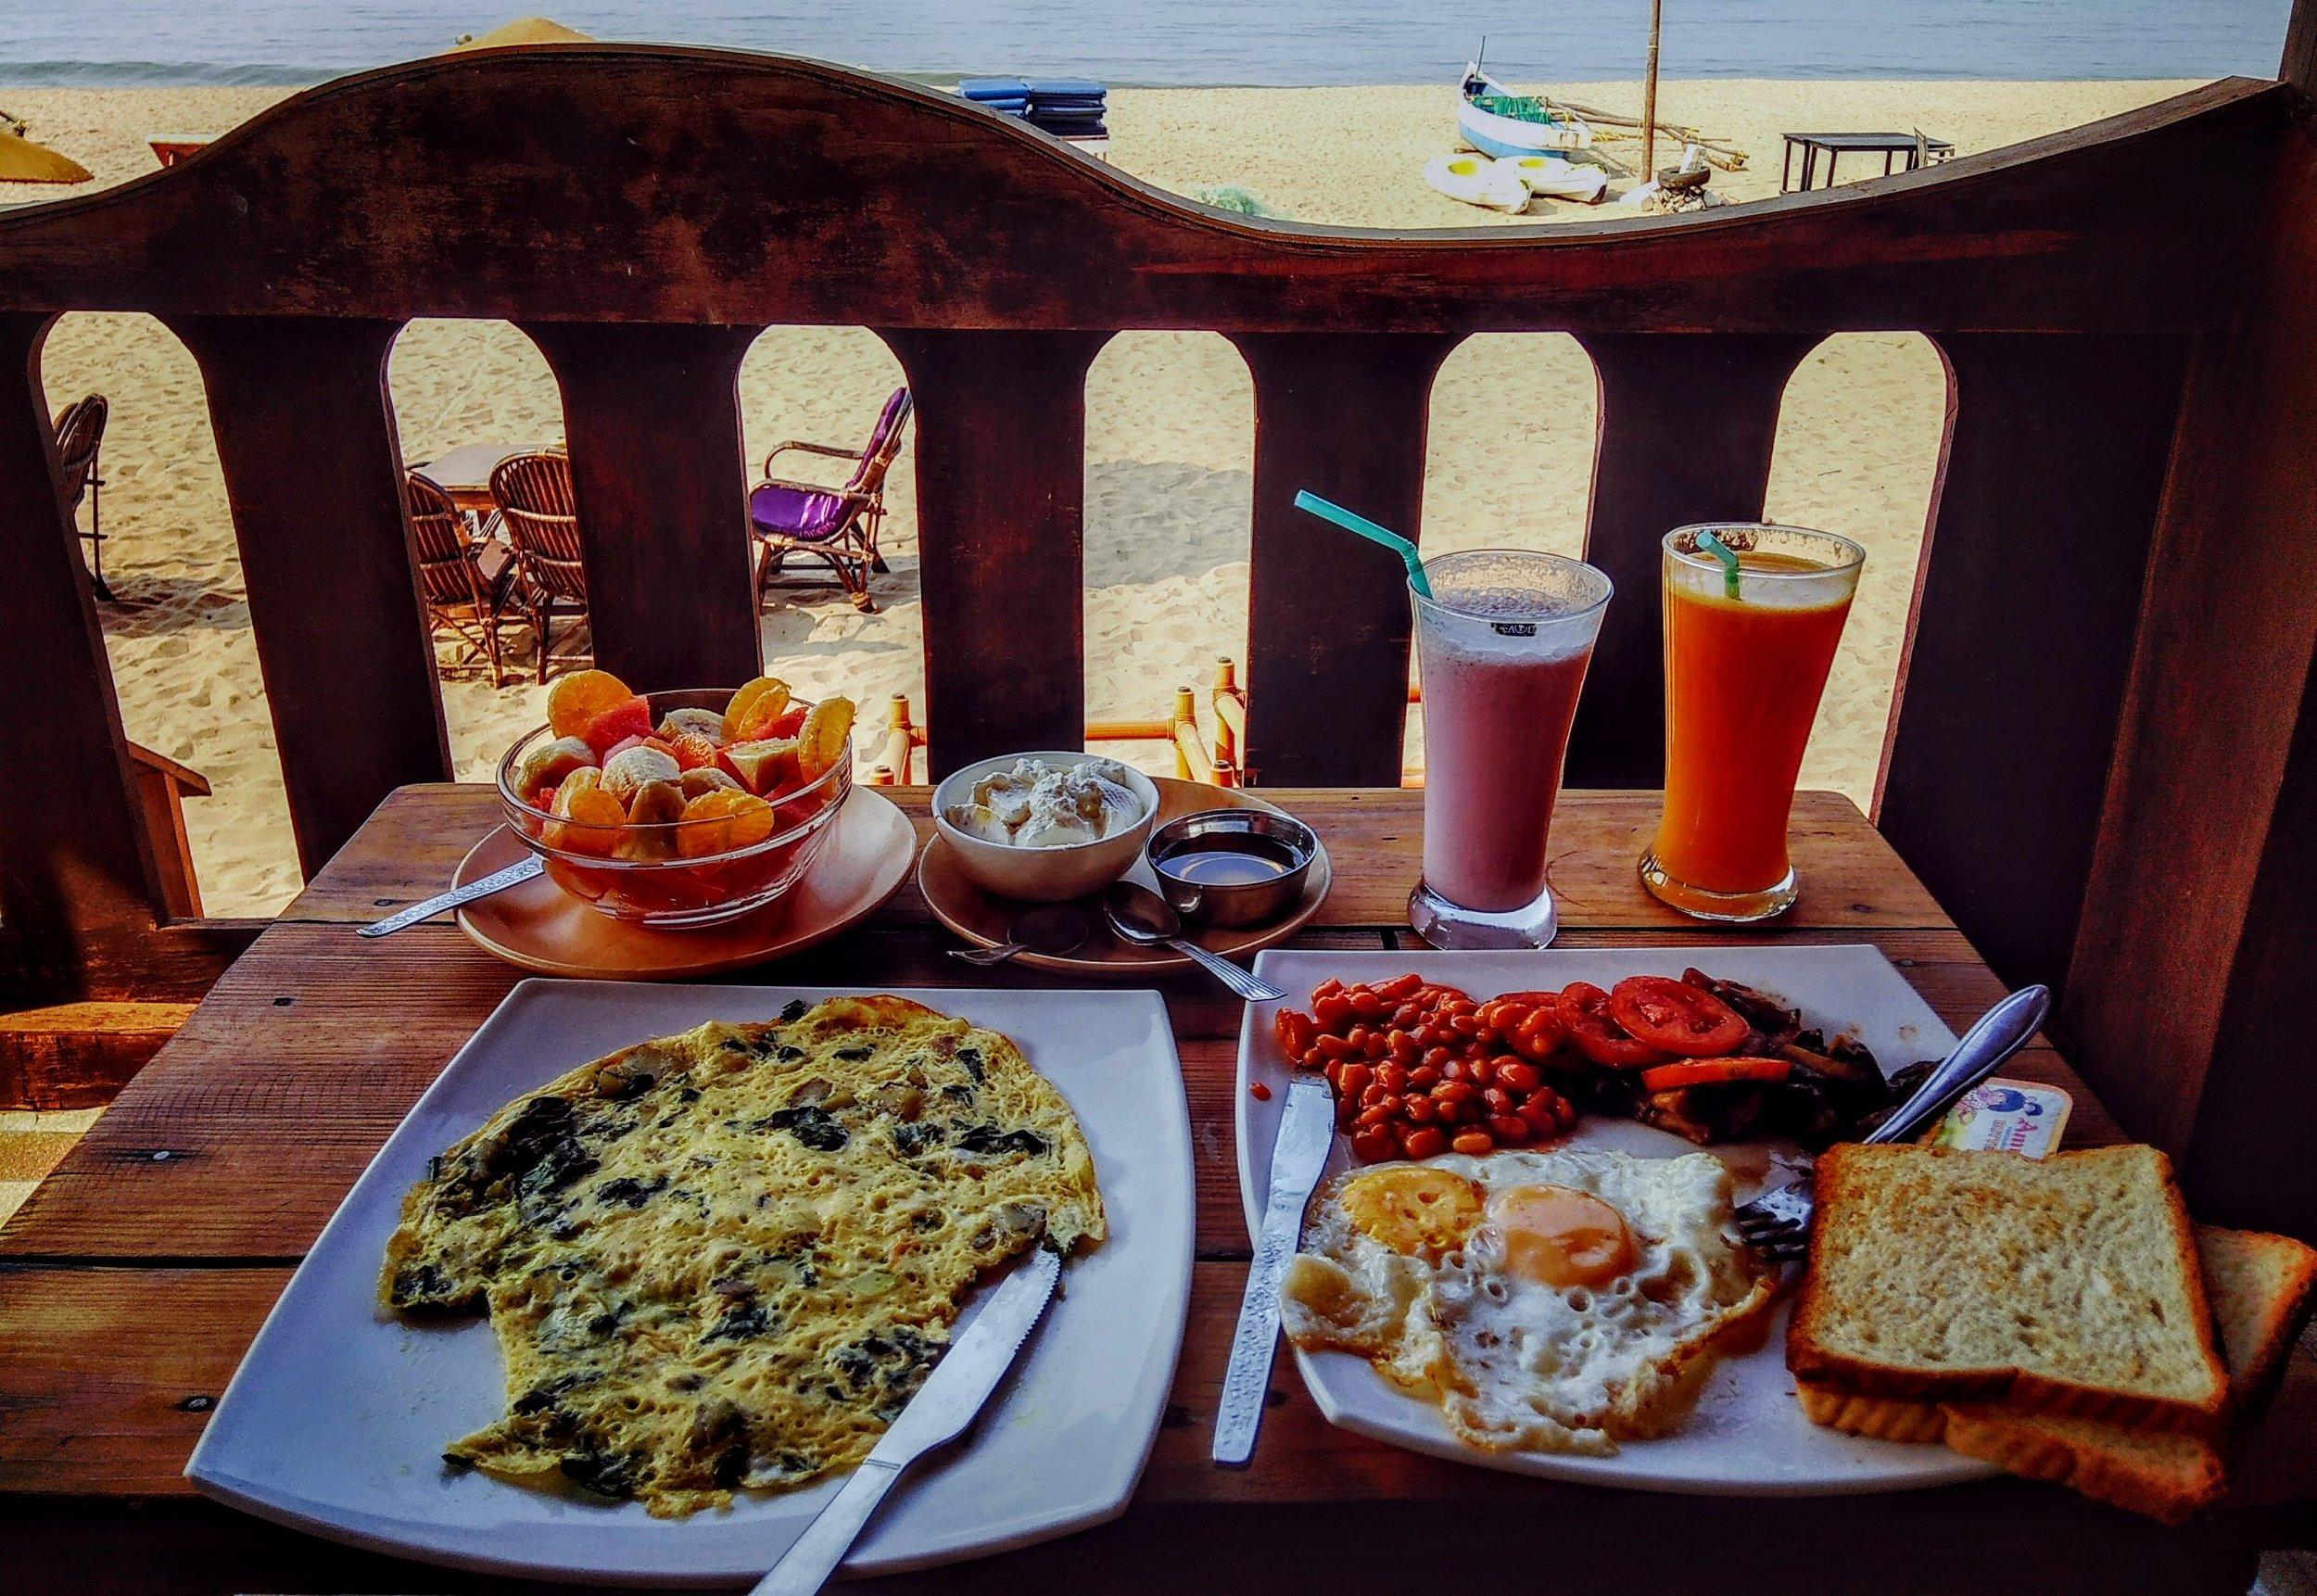 beach-bread-breakfast-904089.jpg